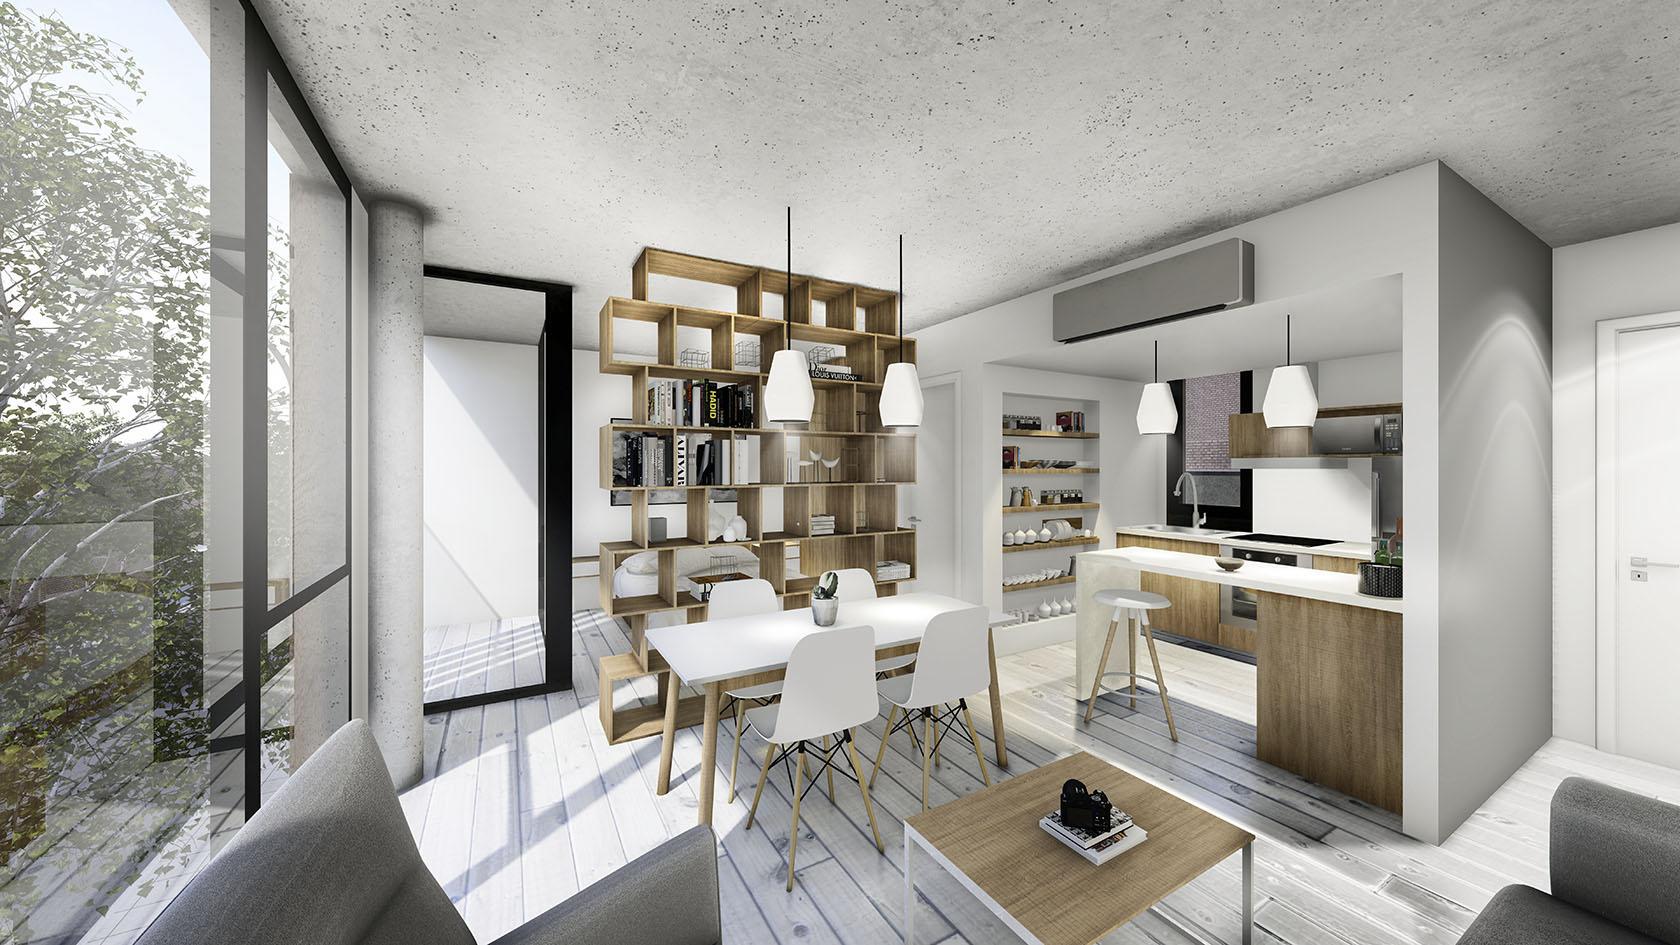 Diseño de cocinas en mono ambientes, optimización de espacio en pequeños ambientes